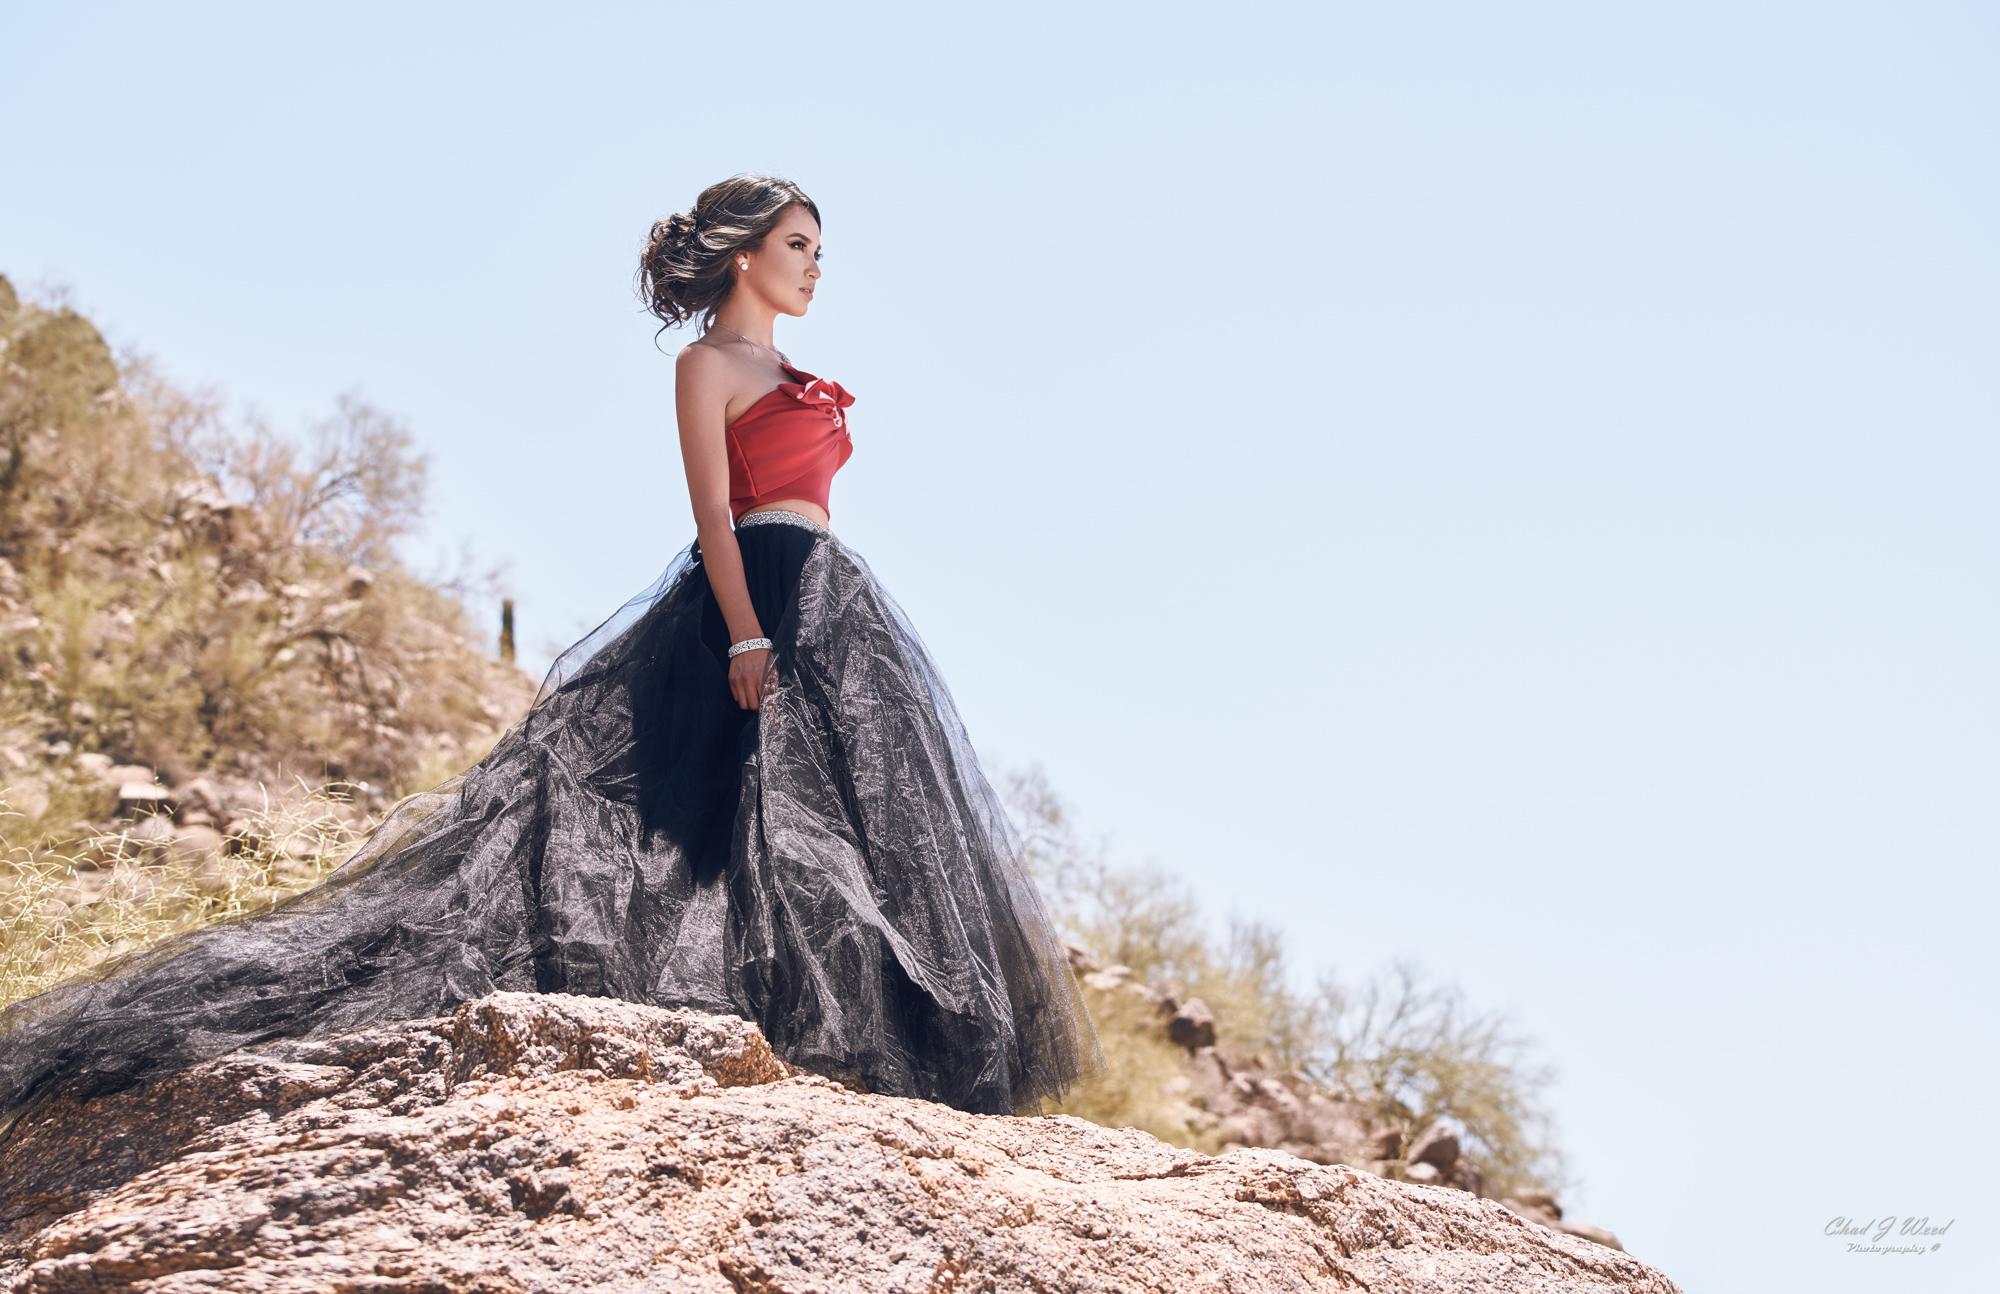 Zari by Mesa Arizona Fashion Photographer Chad Weed